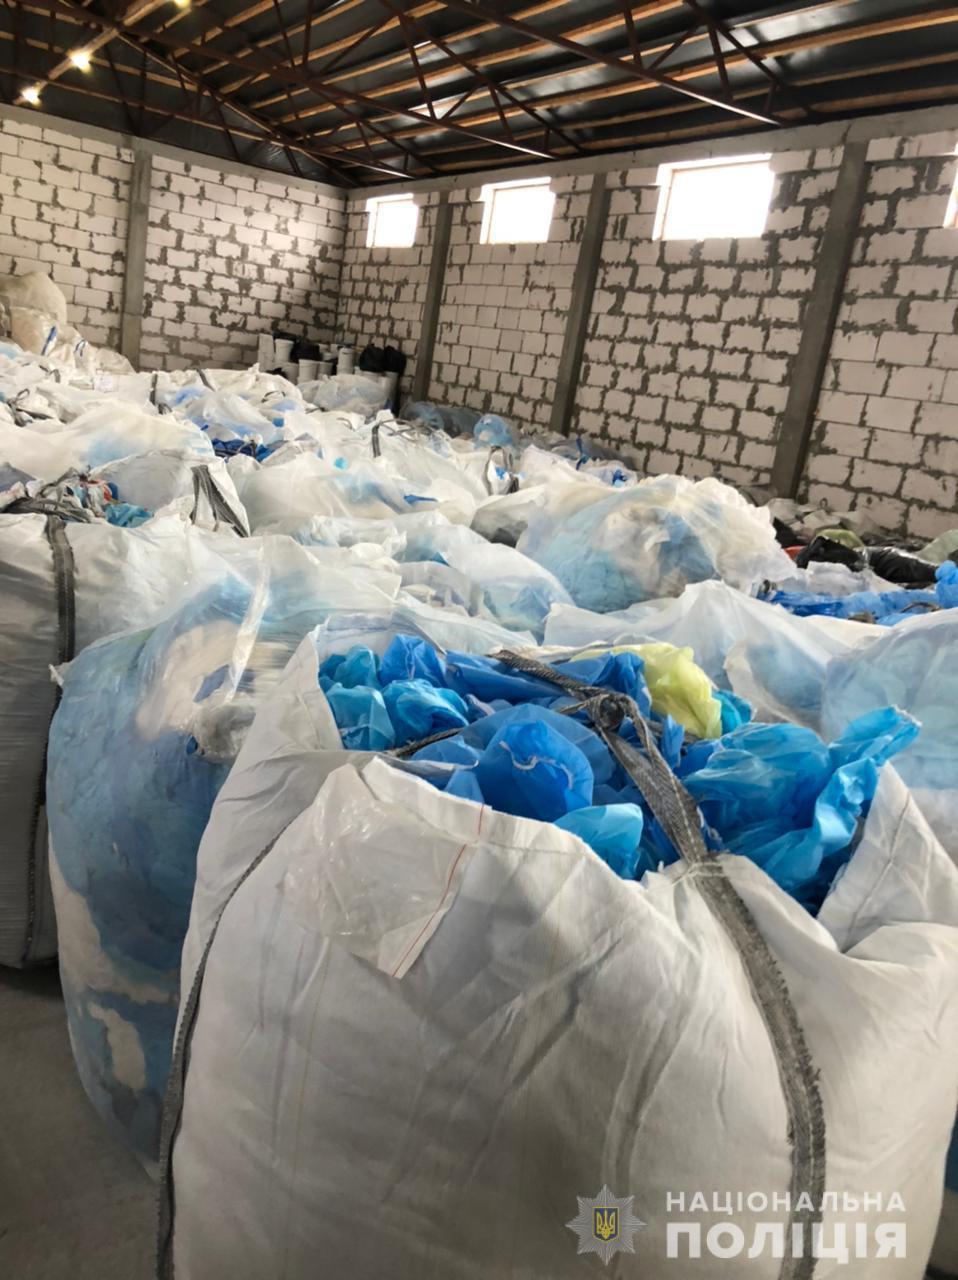 В Україні знайшли таємні звалища з тоннами небезпечних медичних відходів, COVID-тестів та пробірок